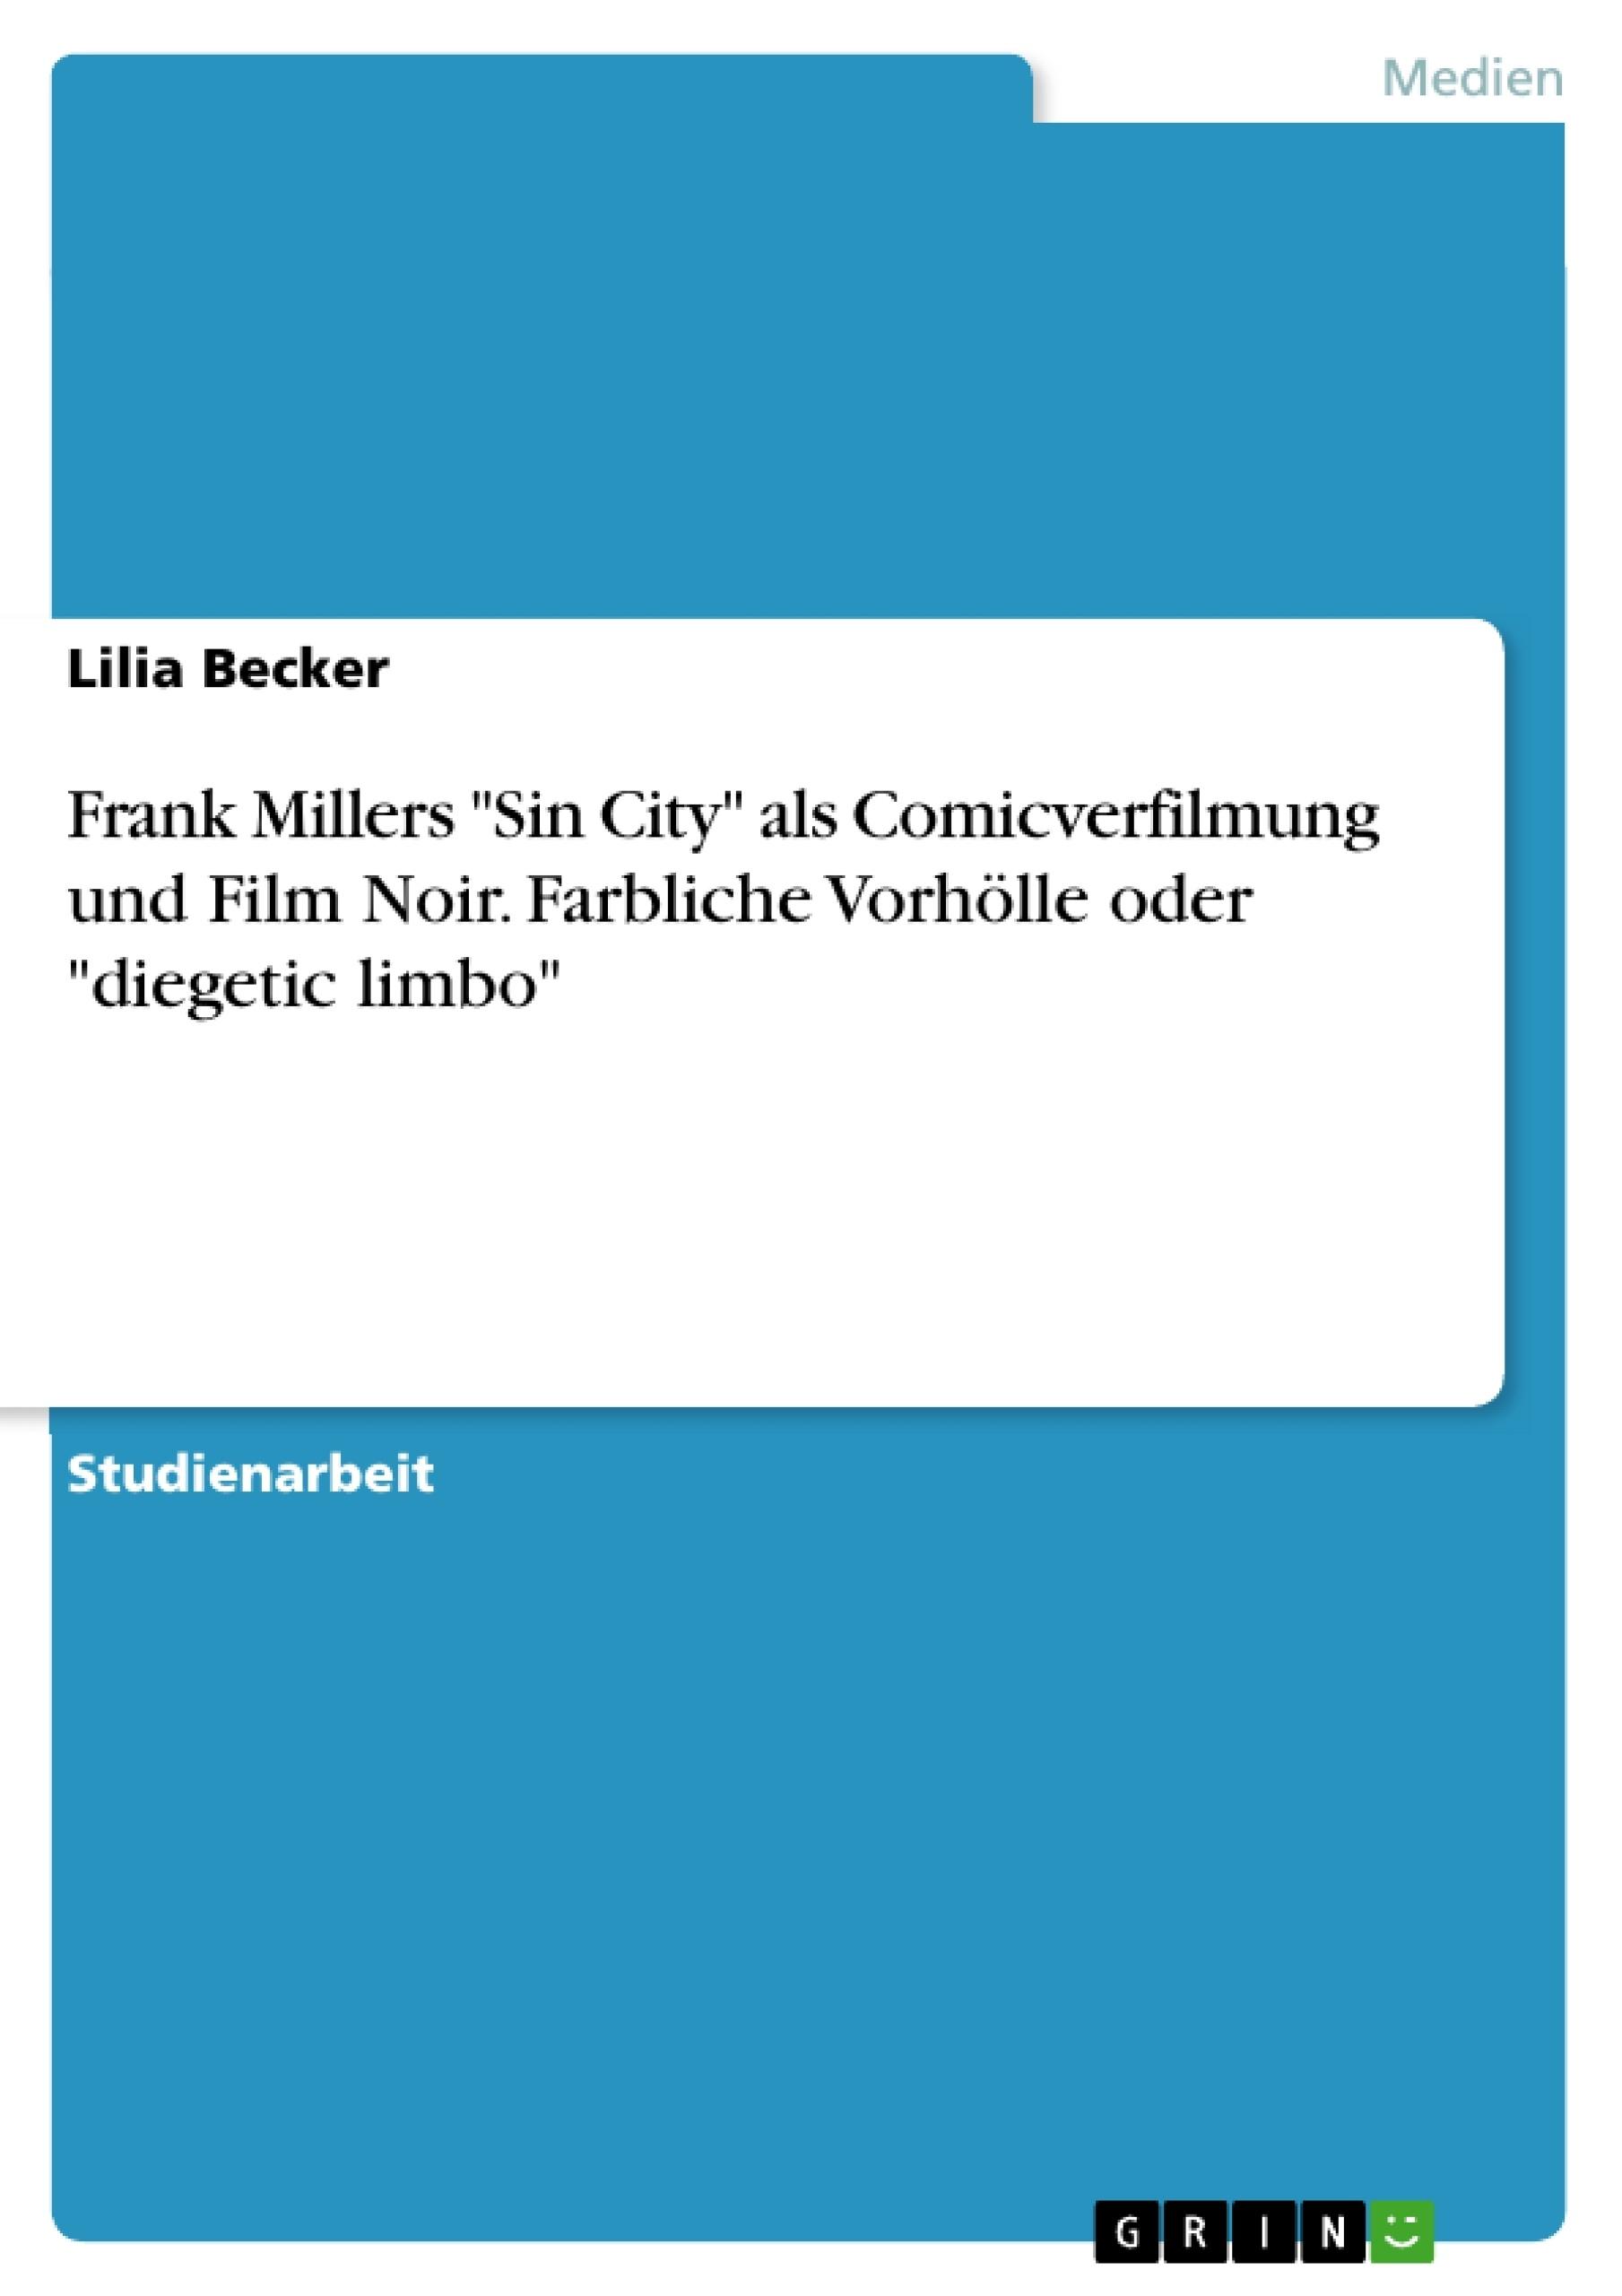 """Titel: Frank Millers """"Sin City"""" als Comicverfilmung und Film Noir. Farbliche Vorhölle oder """"diegetic limbo"""""""